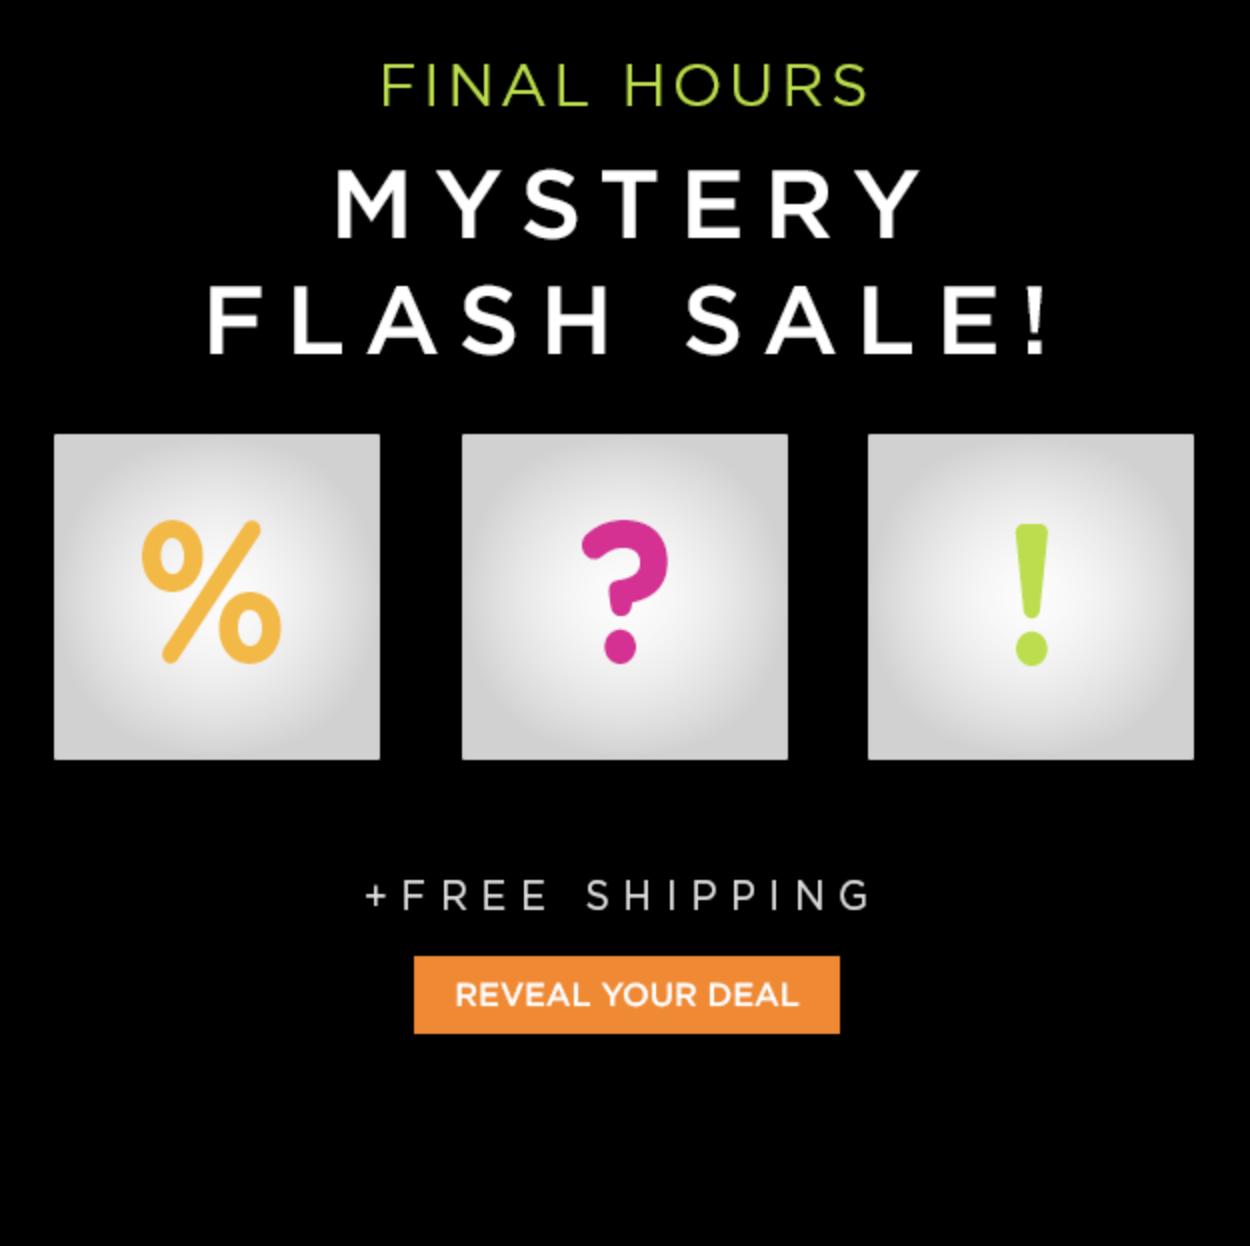 Vente flash mystère